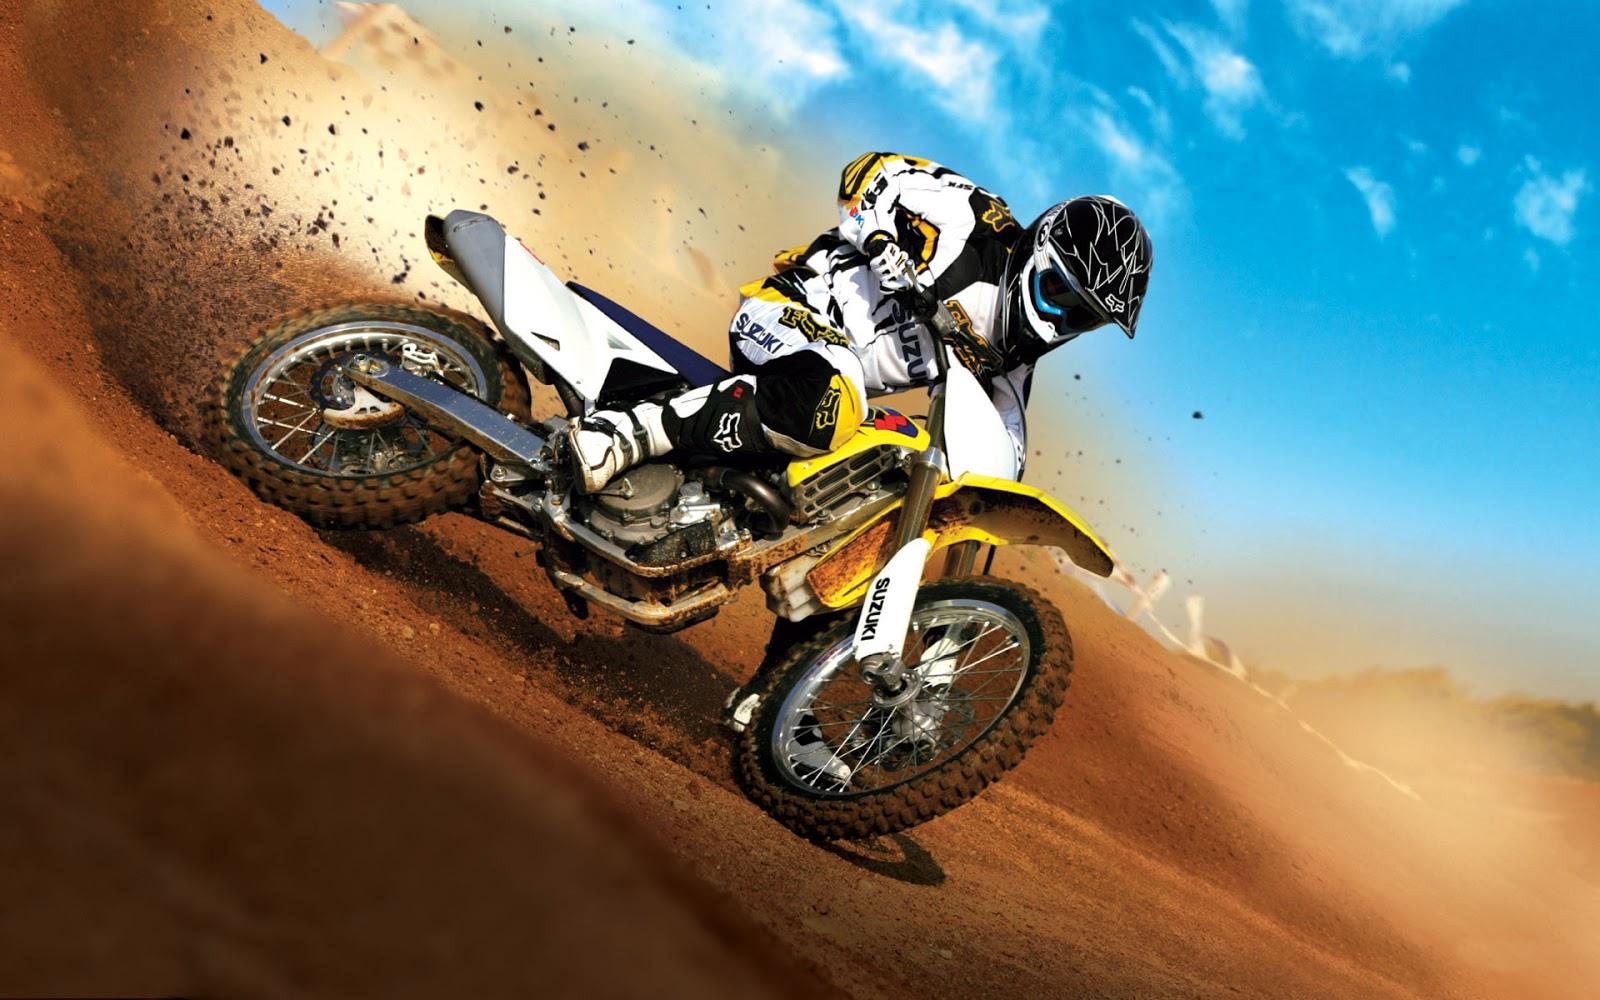 http://1.bp.blogspot.com/-SXLfgIqSF5E/UVCQO6U6y8I/AAAAAAAAAOQ/antUnNAvtiI/s1600/suzuki_motocross-wide.jpg